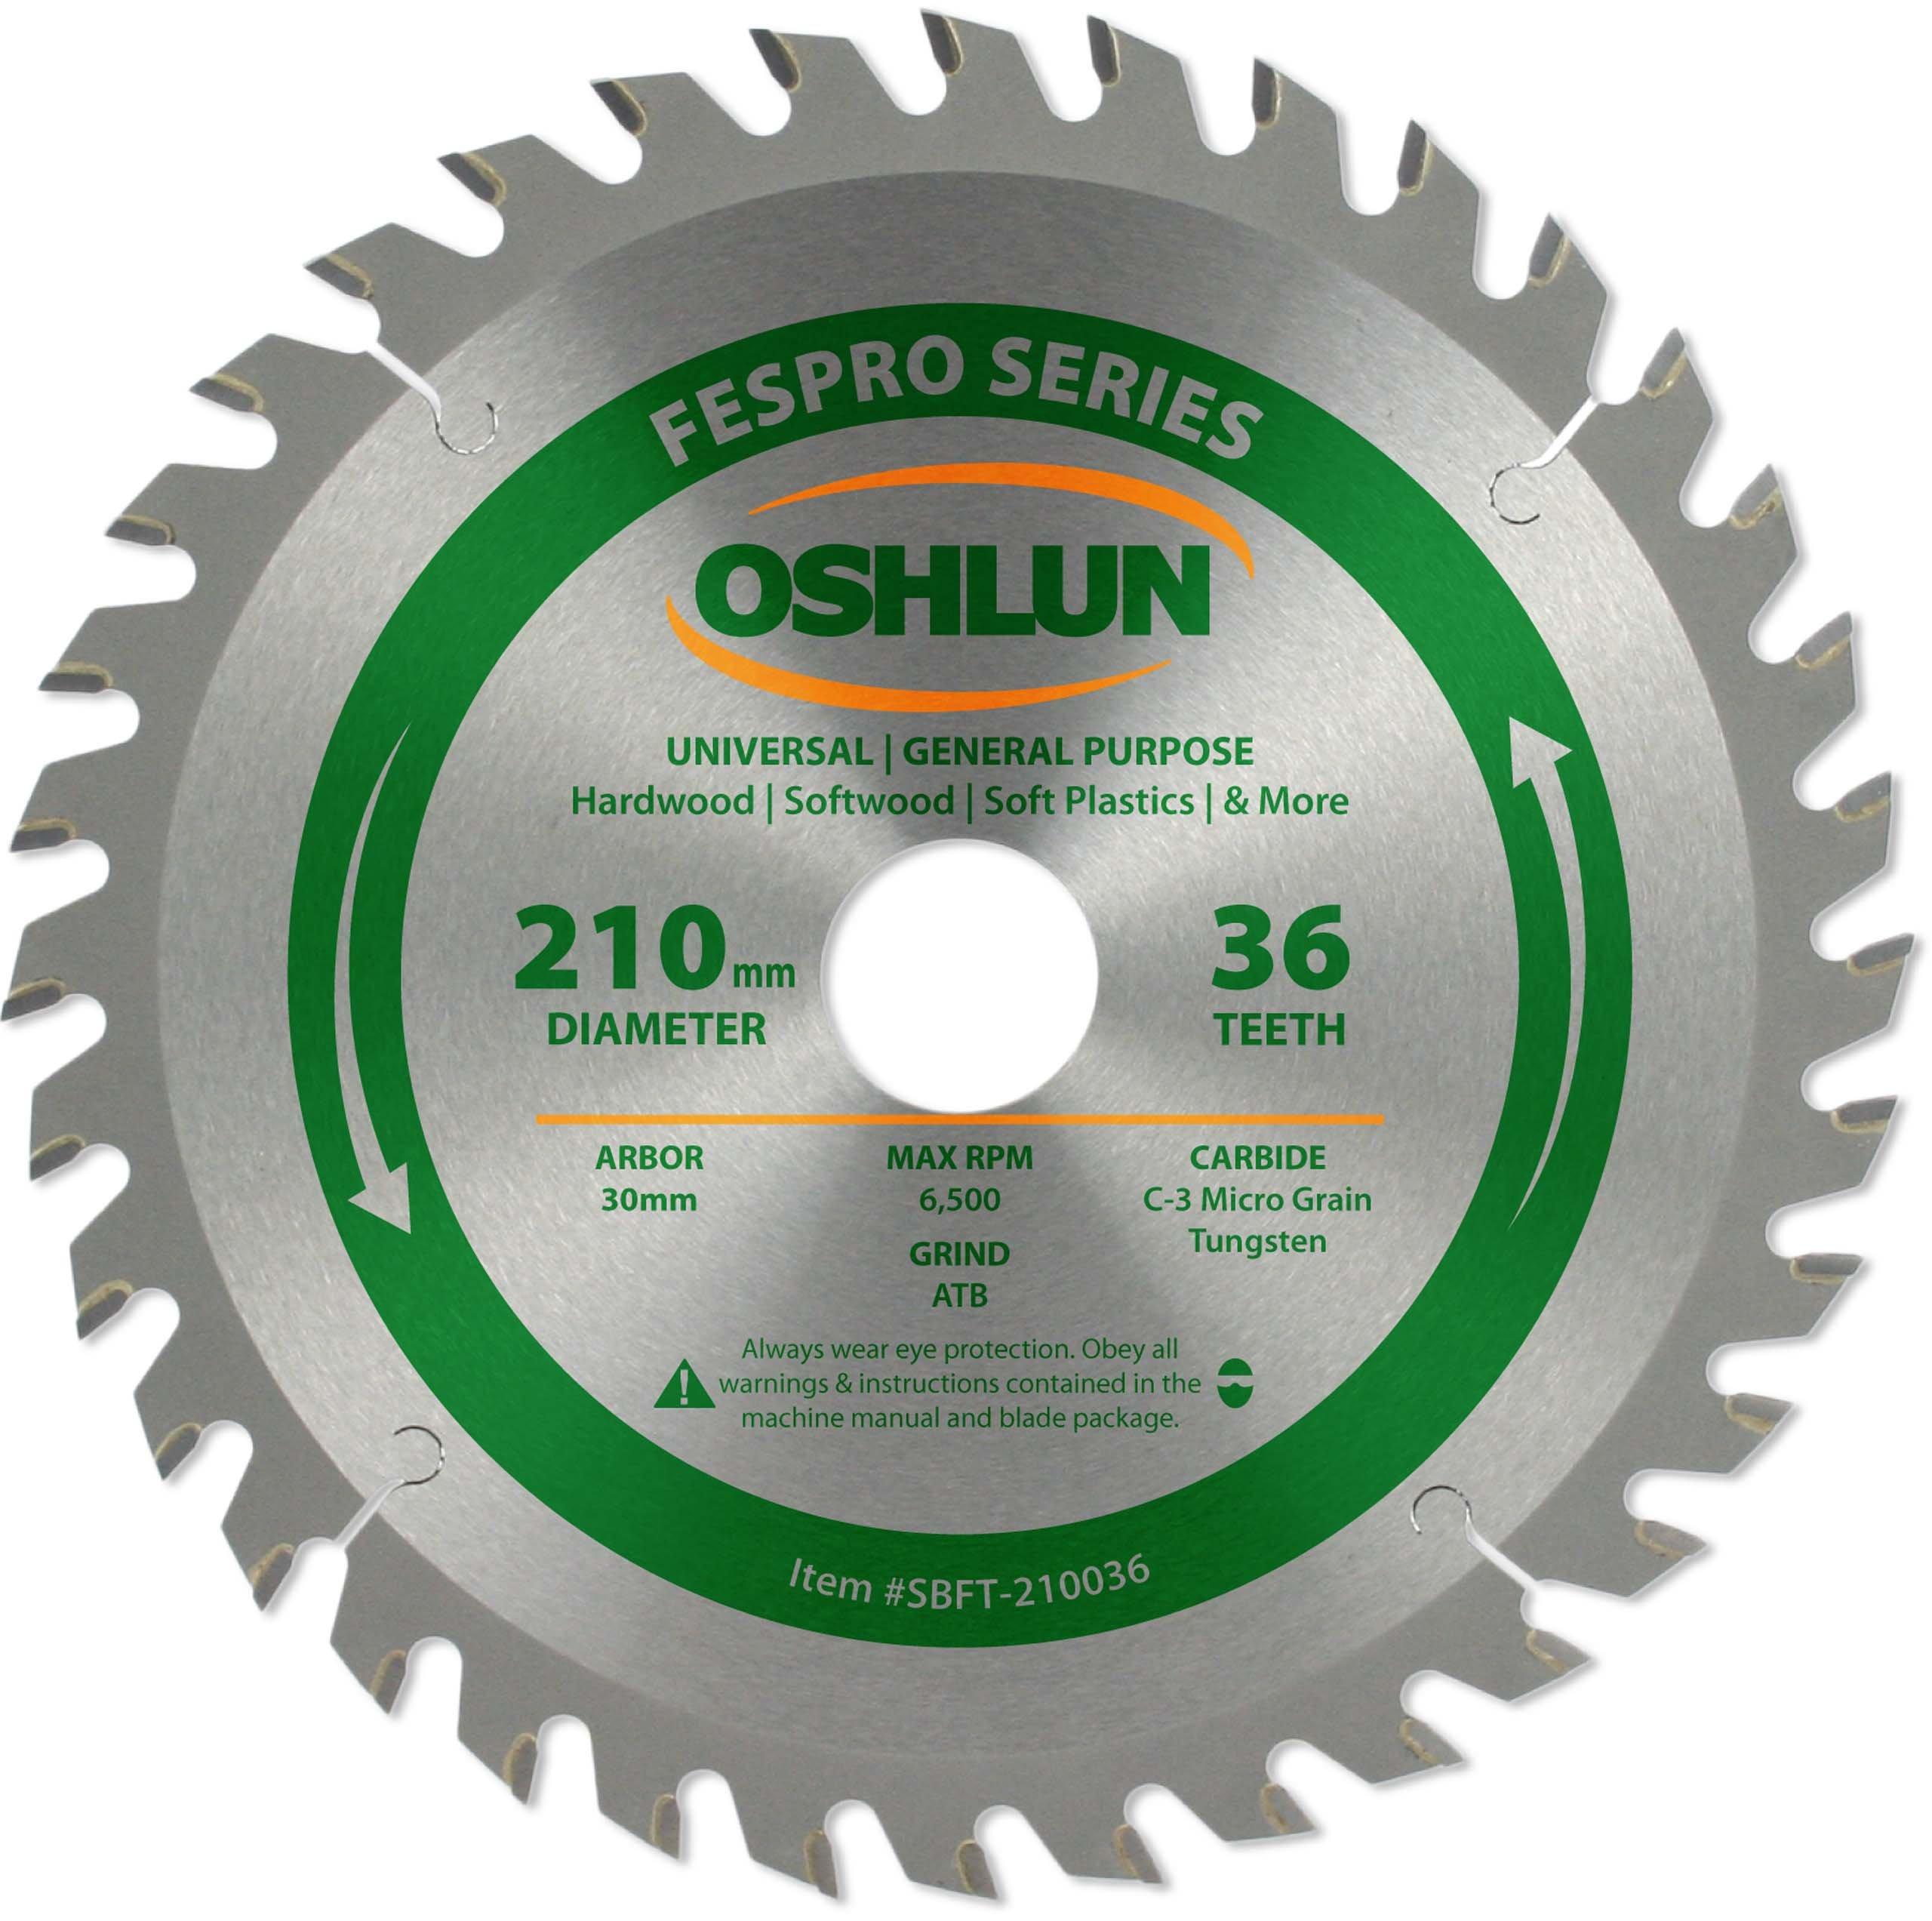 Disco Sierra OSHLUN SBFT 210036 ATB de uso general FesPro